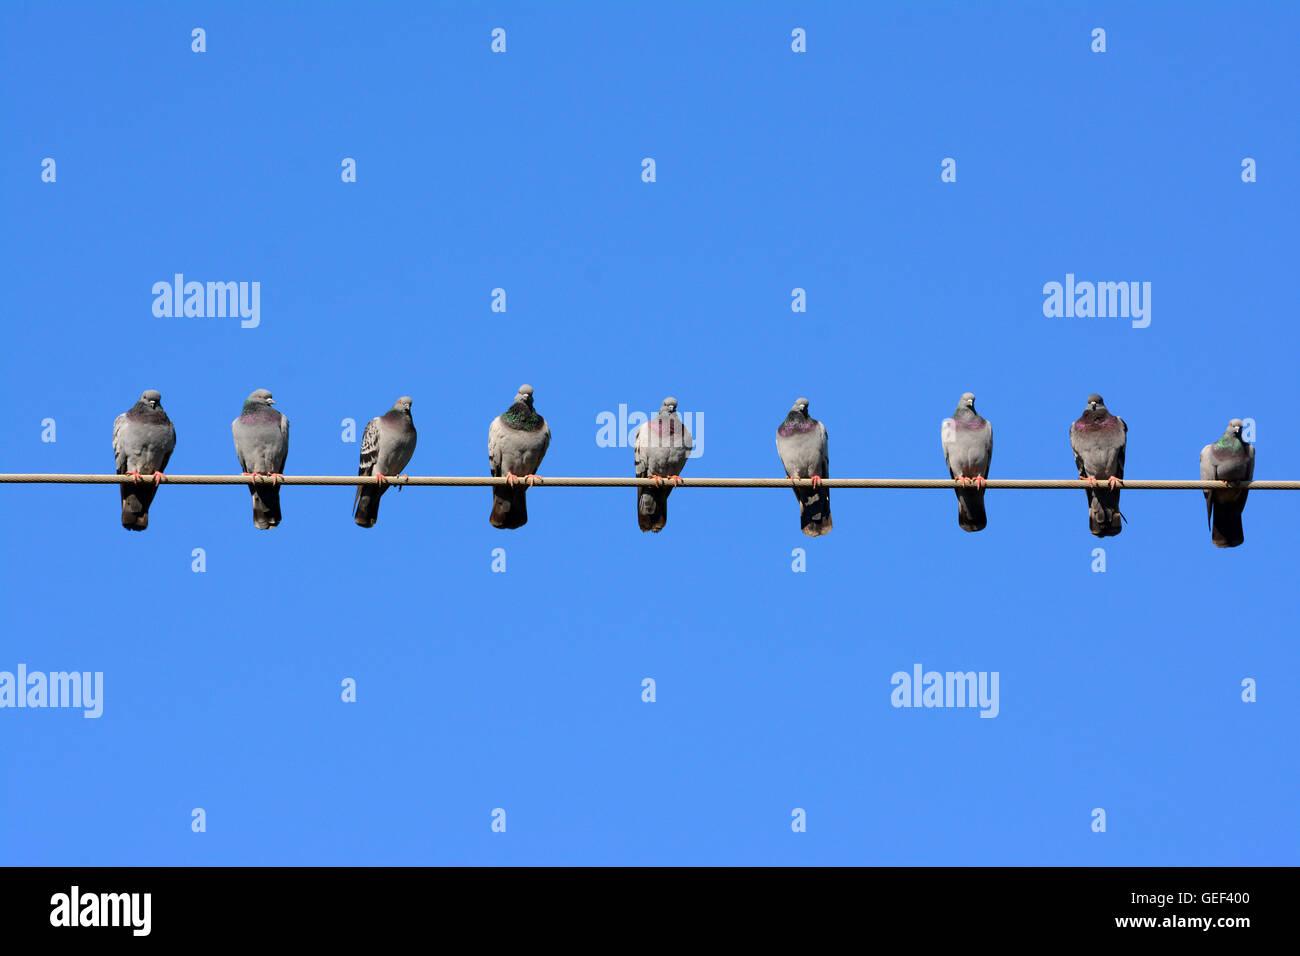 Pigeon vecinos mantener distancia personal Imagen De Stock